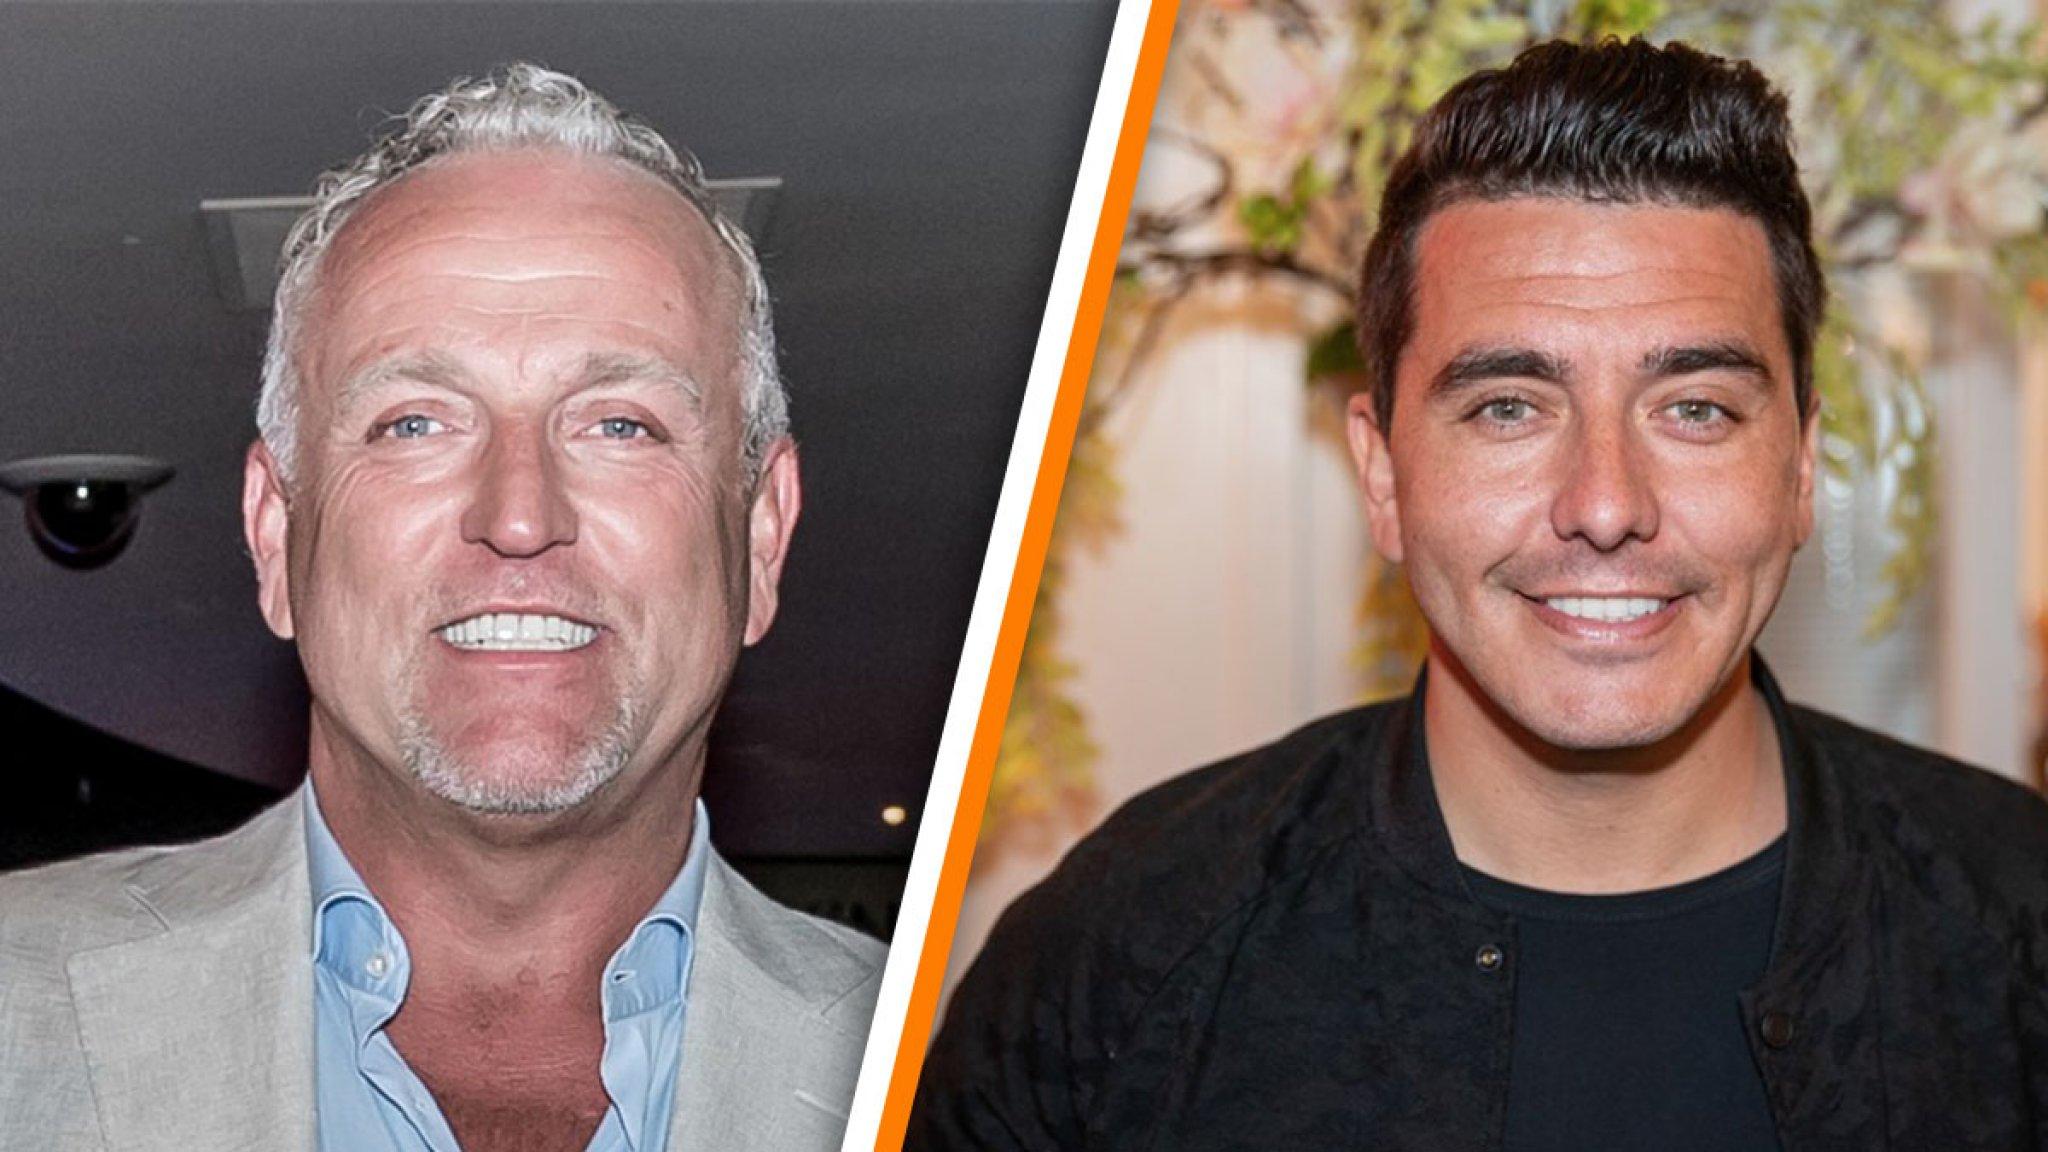 Gordon vindt Jan Smit in The Voice 'geen toevoeging' - RTL Nieuws